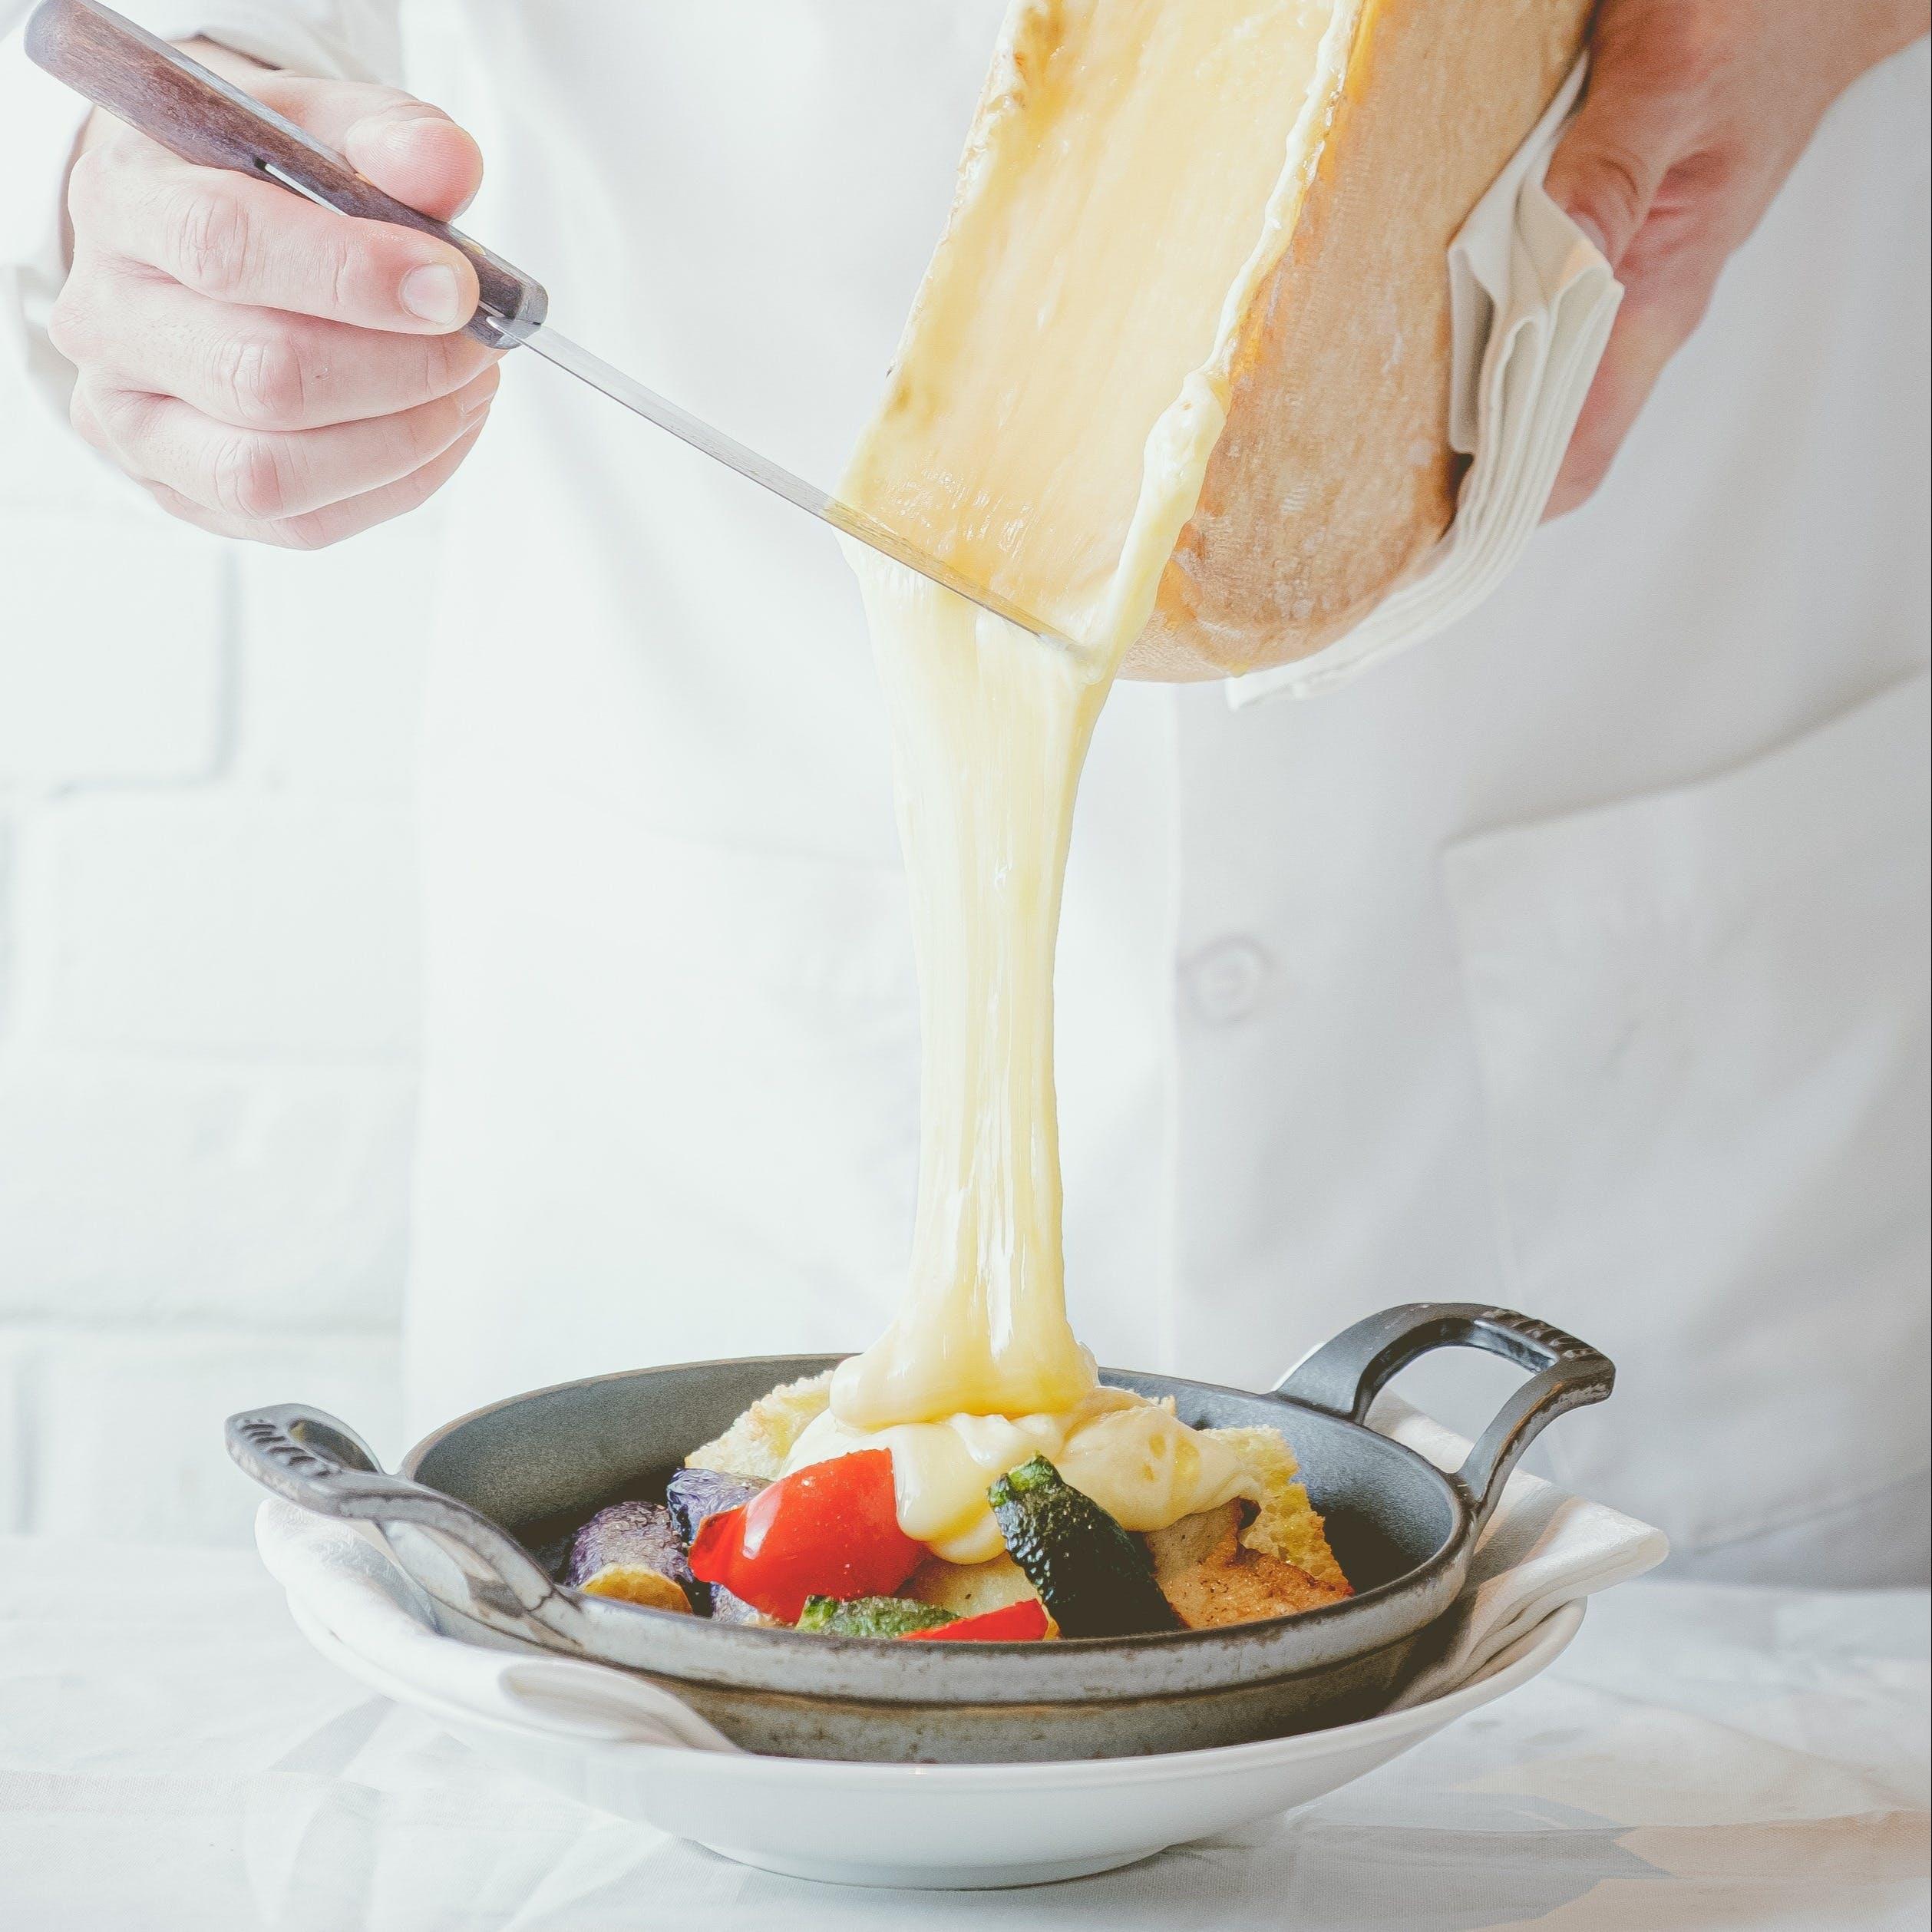 カシーナ名物料理ラクレット とろとろに溶かしたチーズをお野菜やお肉にかけます